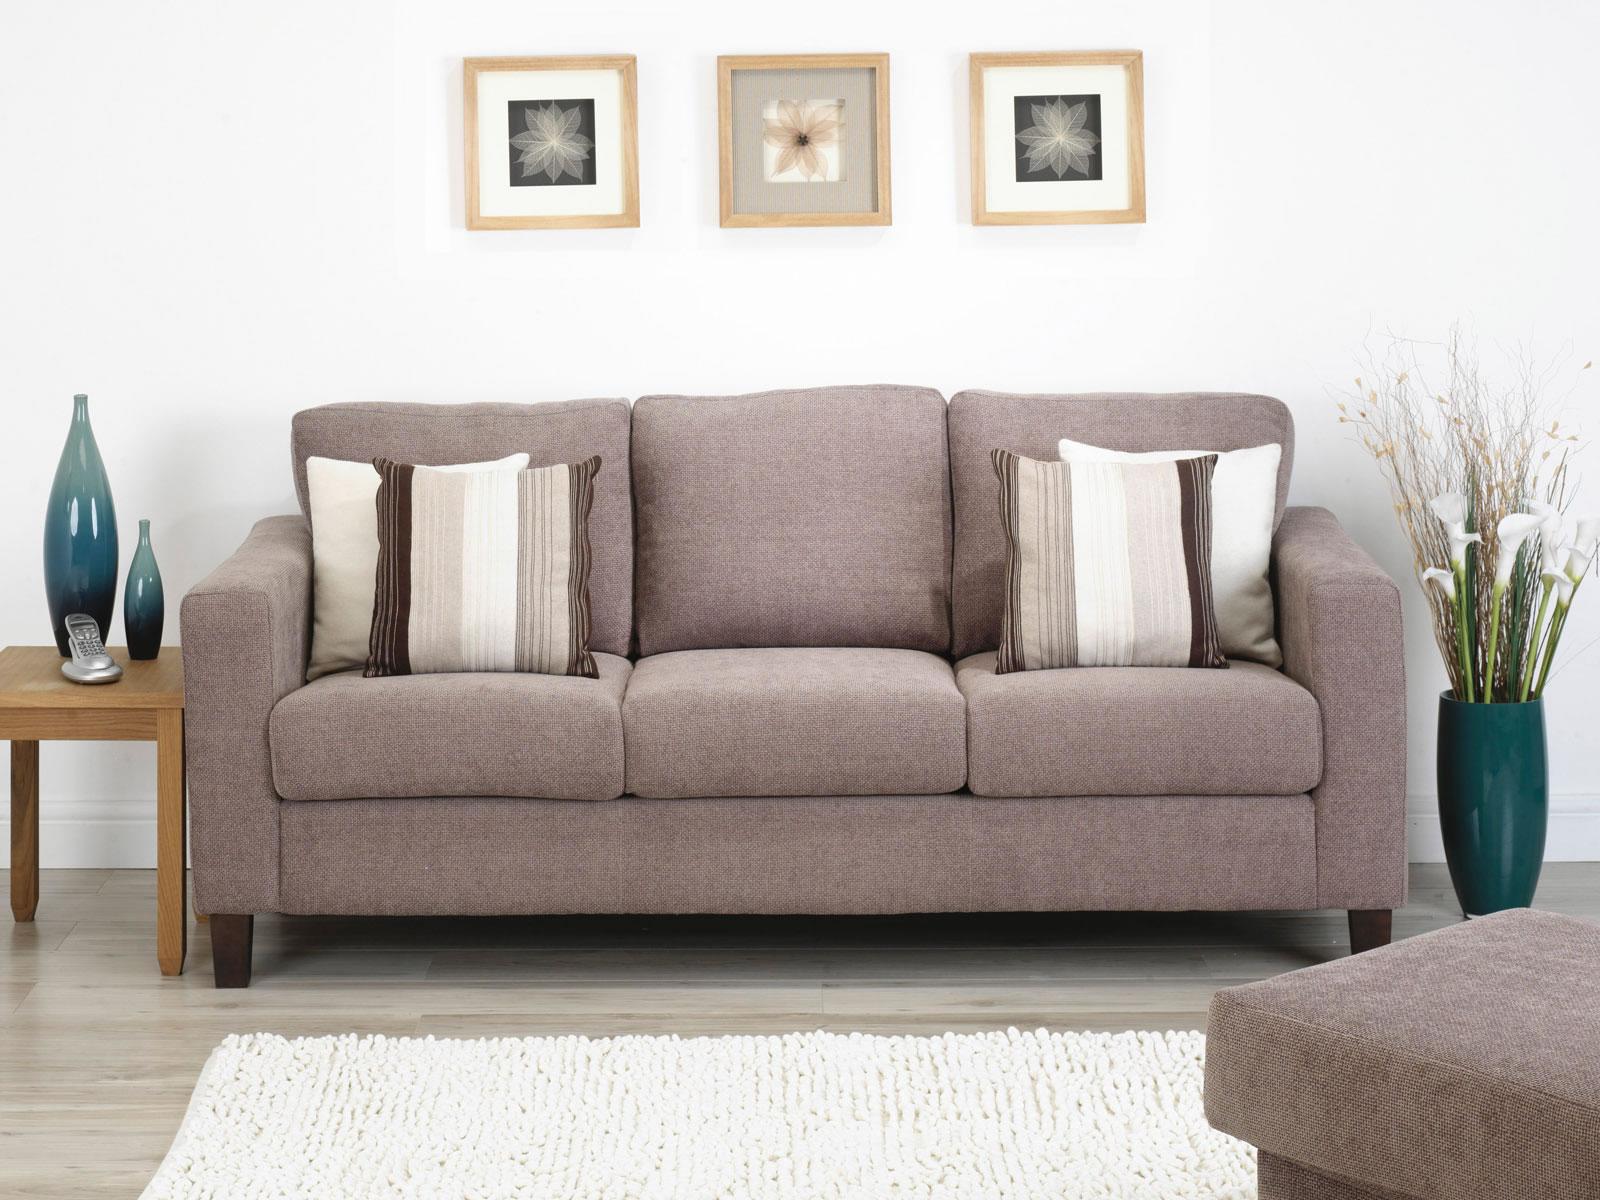 sof com almofadas lindas combina es que decoram moda e confortomoda e conforto. Black Bedroom Furniture Sets. Home Design Ideas